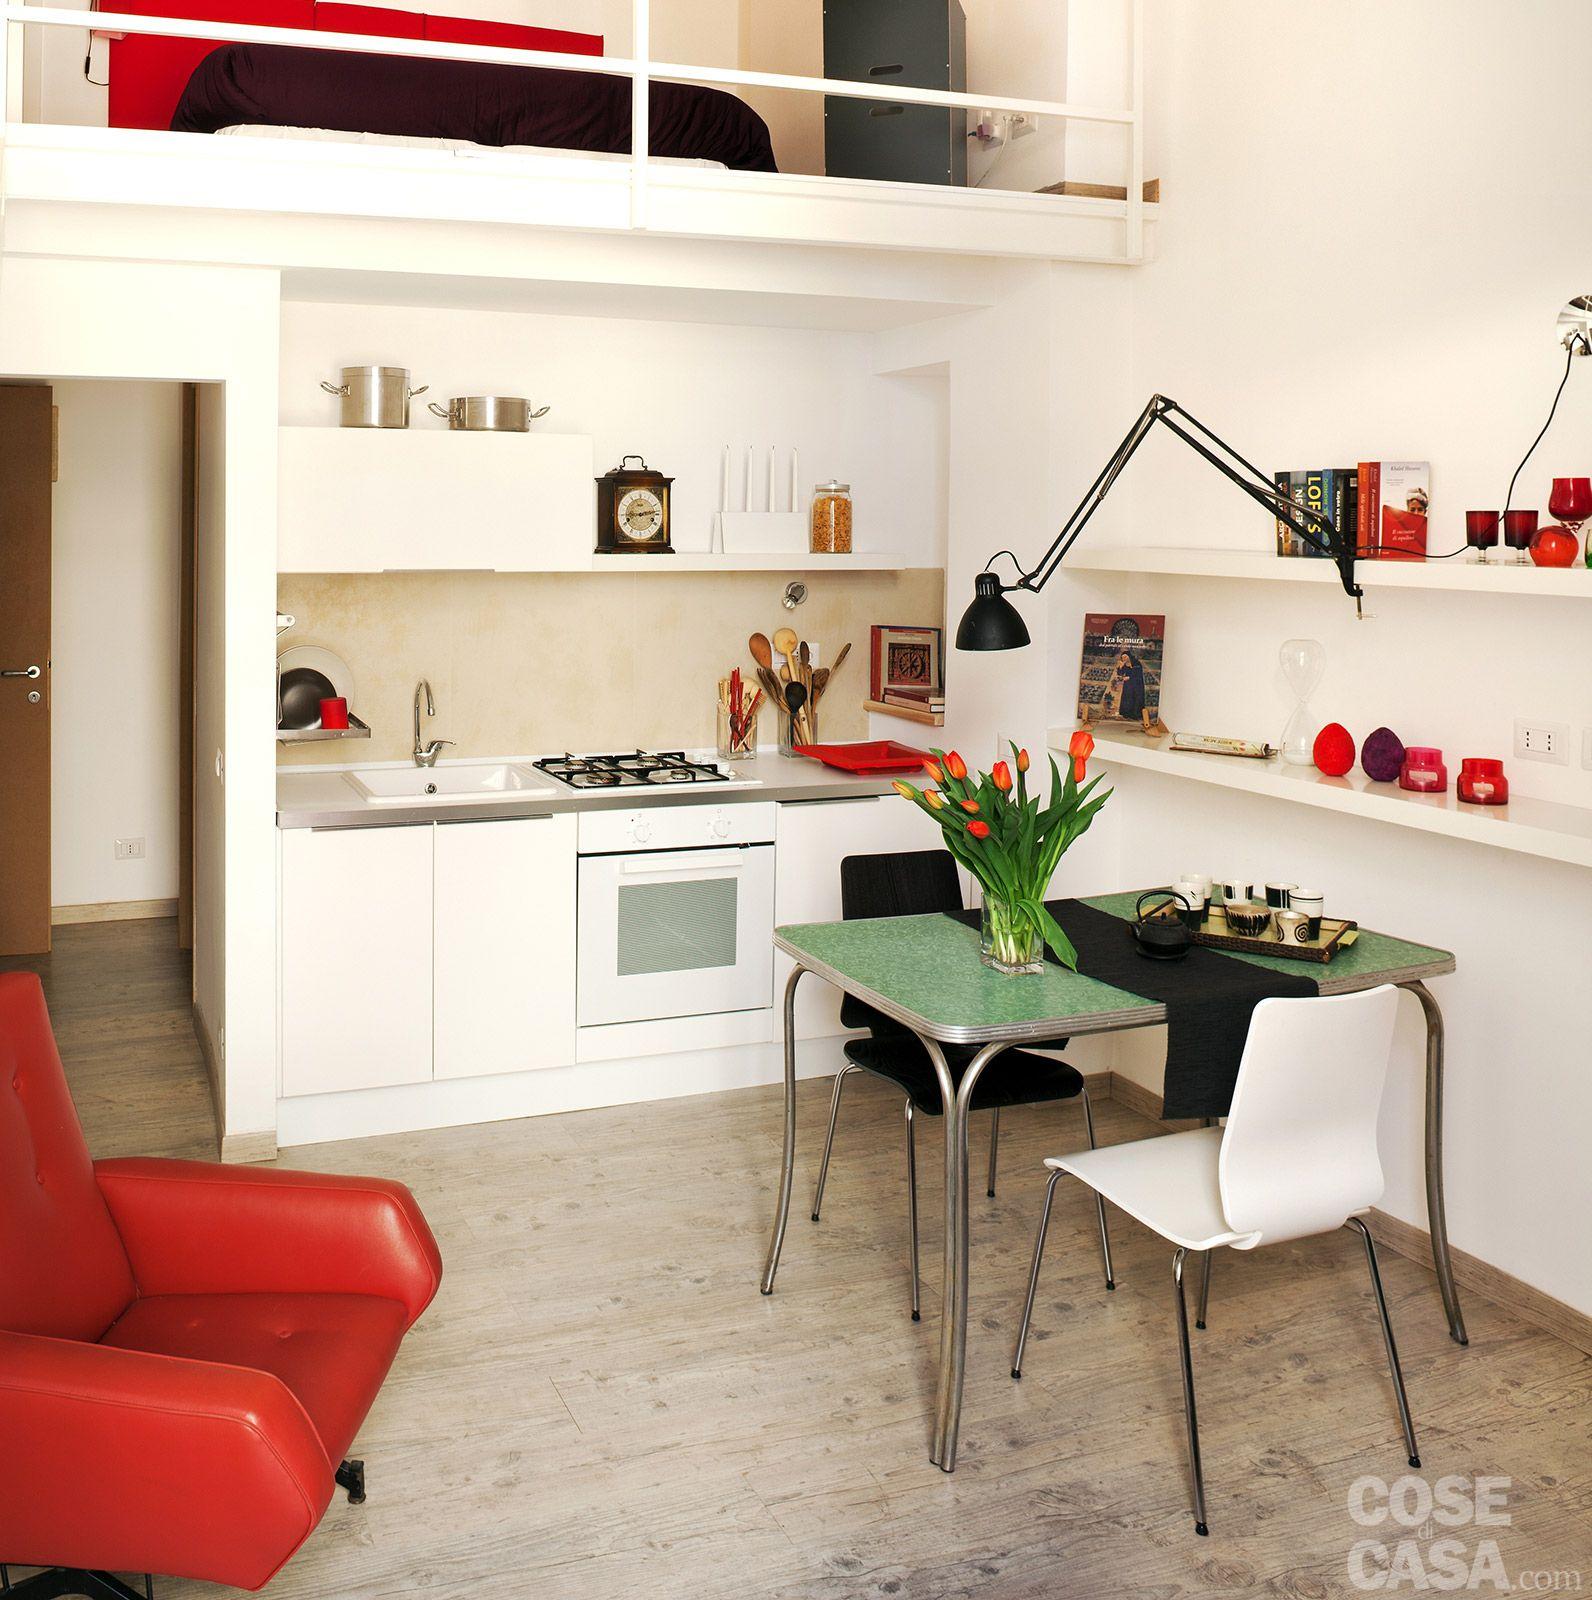 Idee per arredare sala e cucina insieme : idee arredamento casa ...